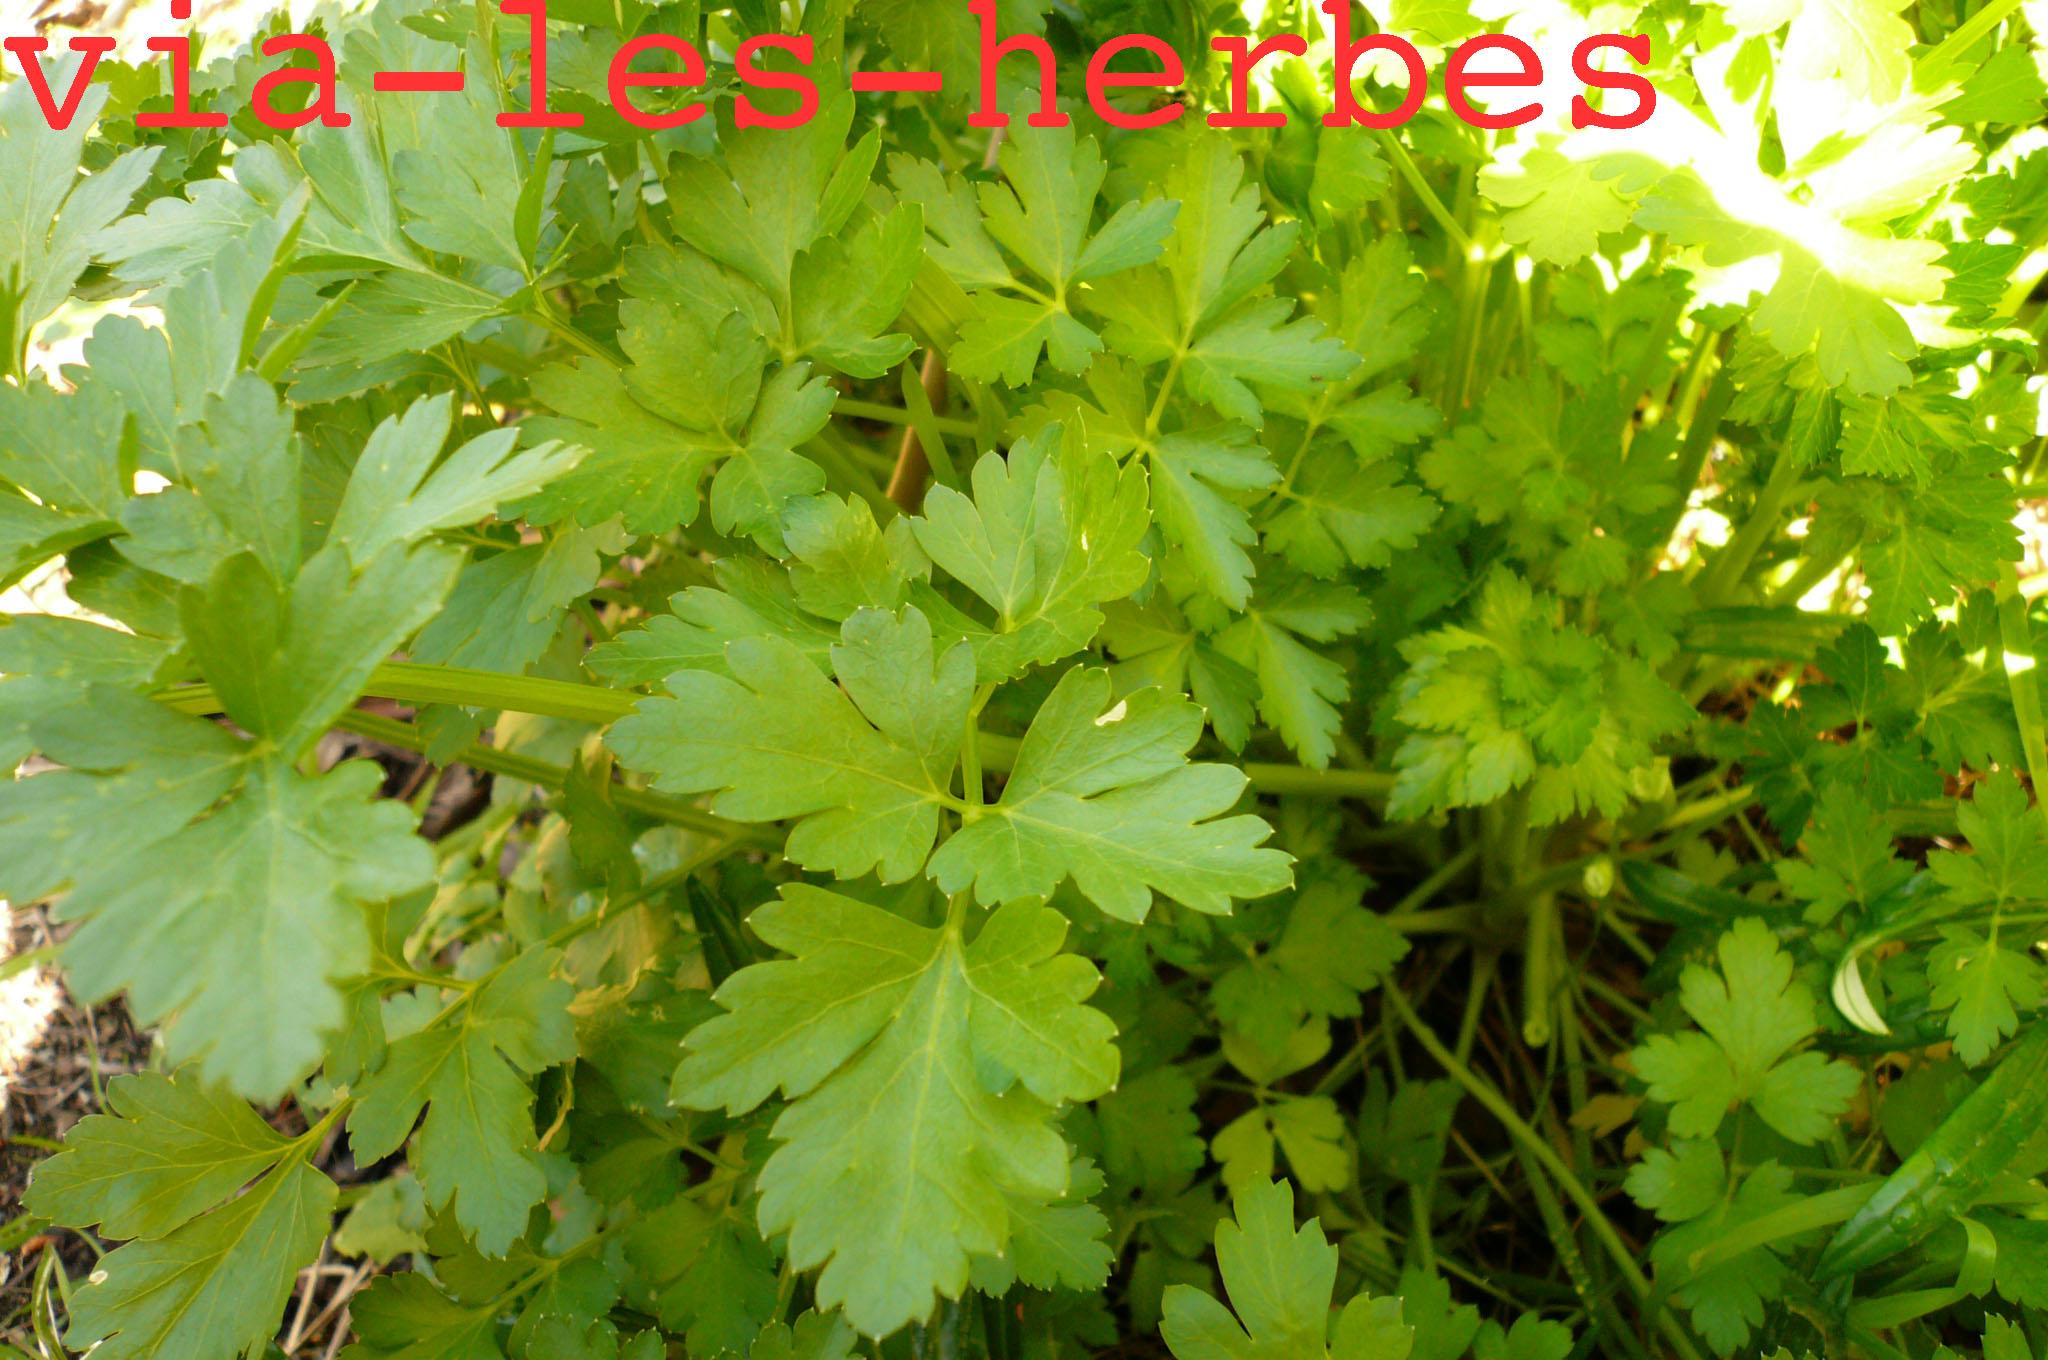 Le persil, première plante condimentaire | Via-les-herbes